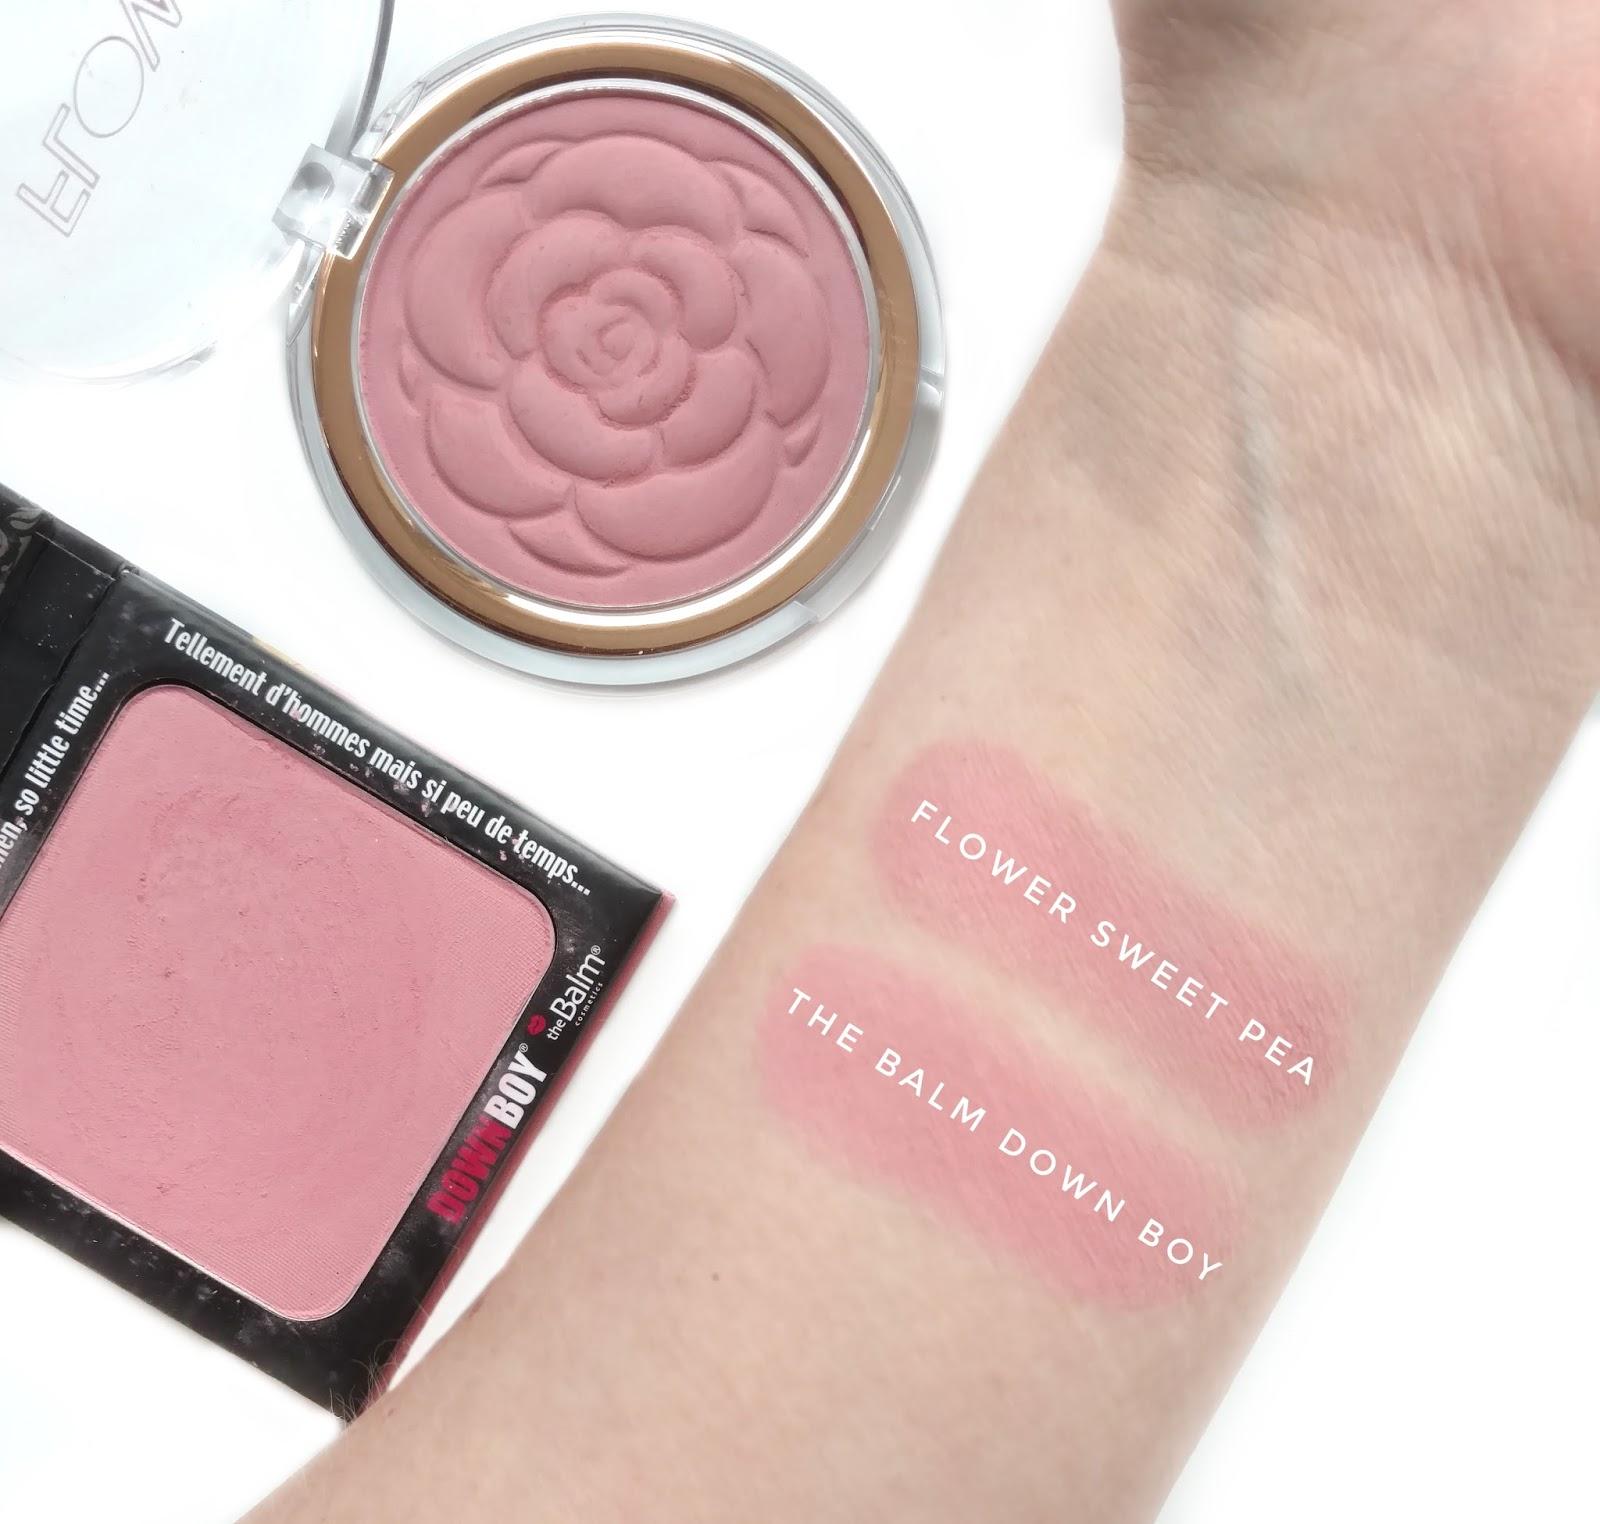 Shimmer & Strobe Highlighting Palette by Flower Beauty #20